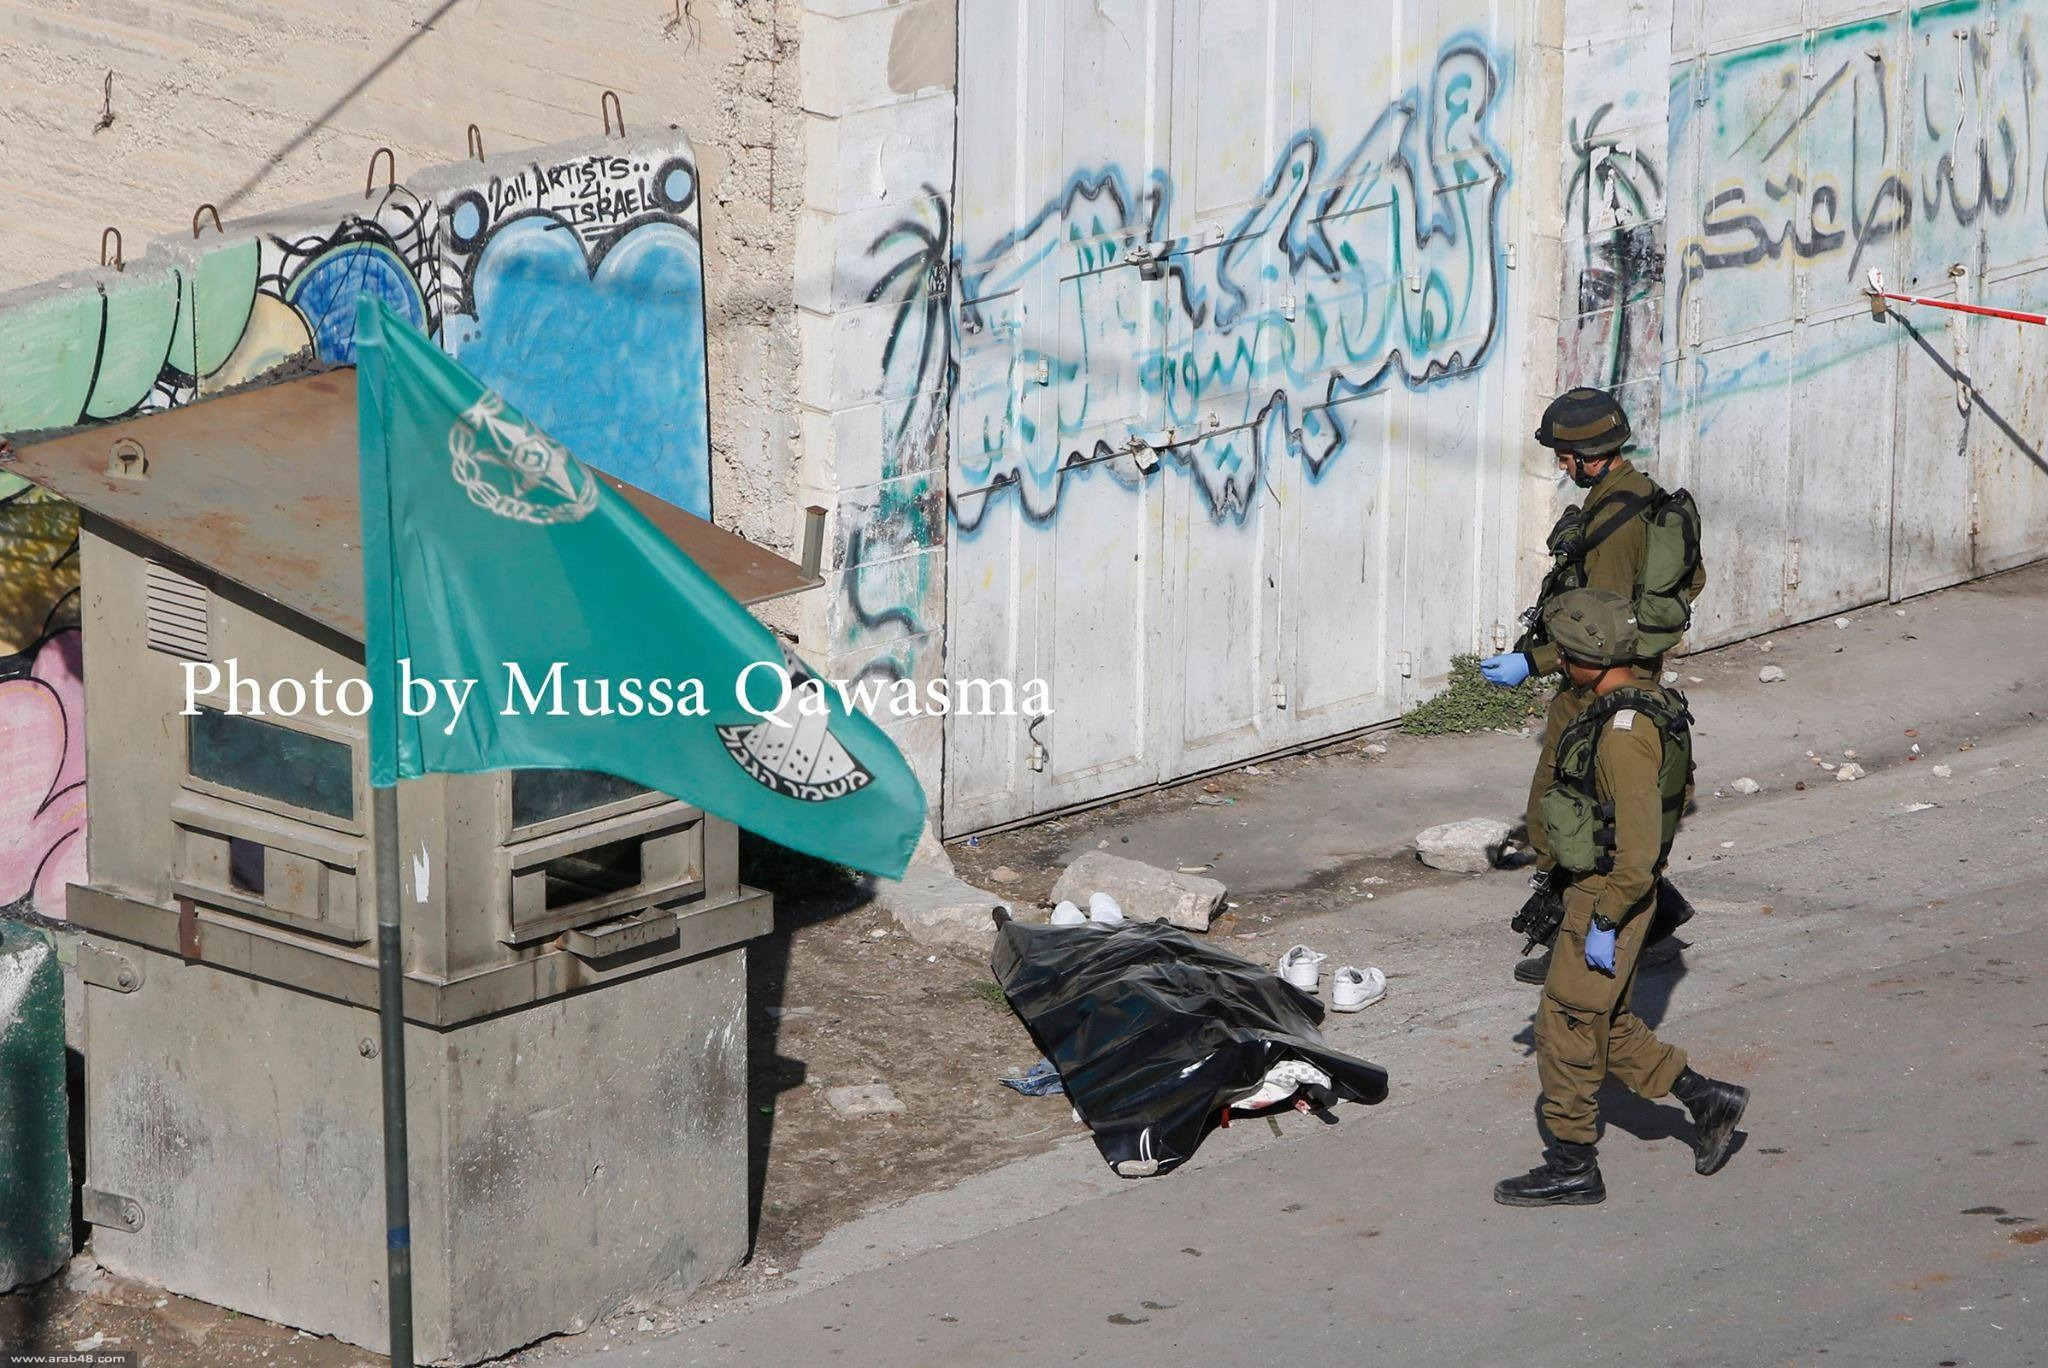 الخليل: قوات الاحتلال تعدم فلسطينيًا بزعم تنفيذ عملية طعن